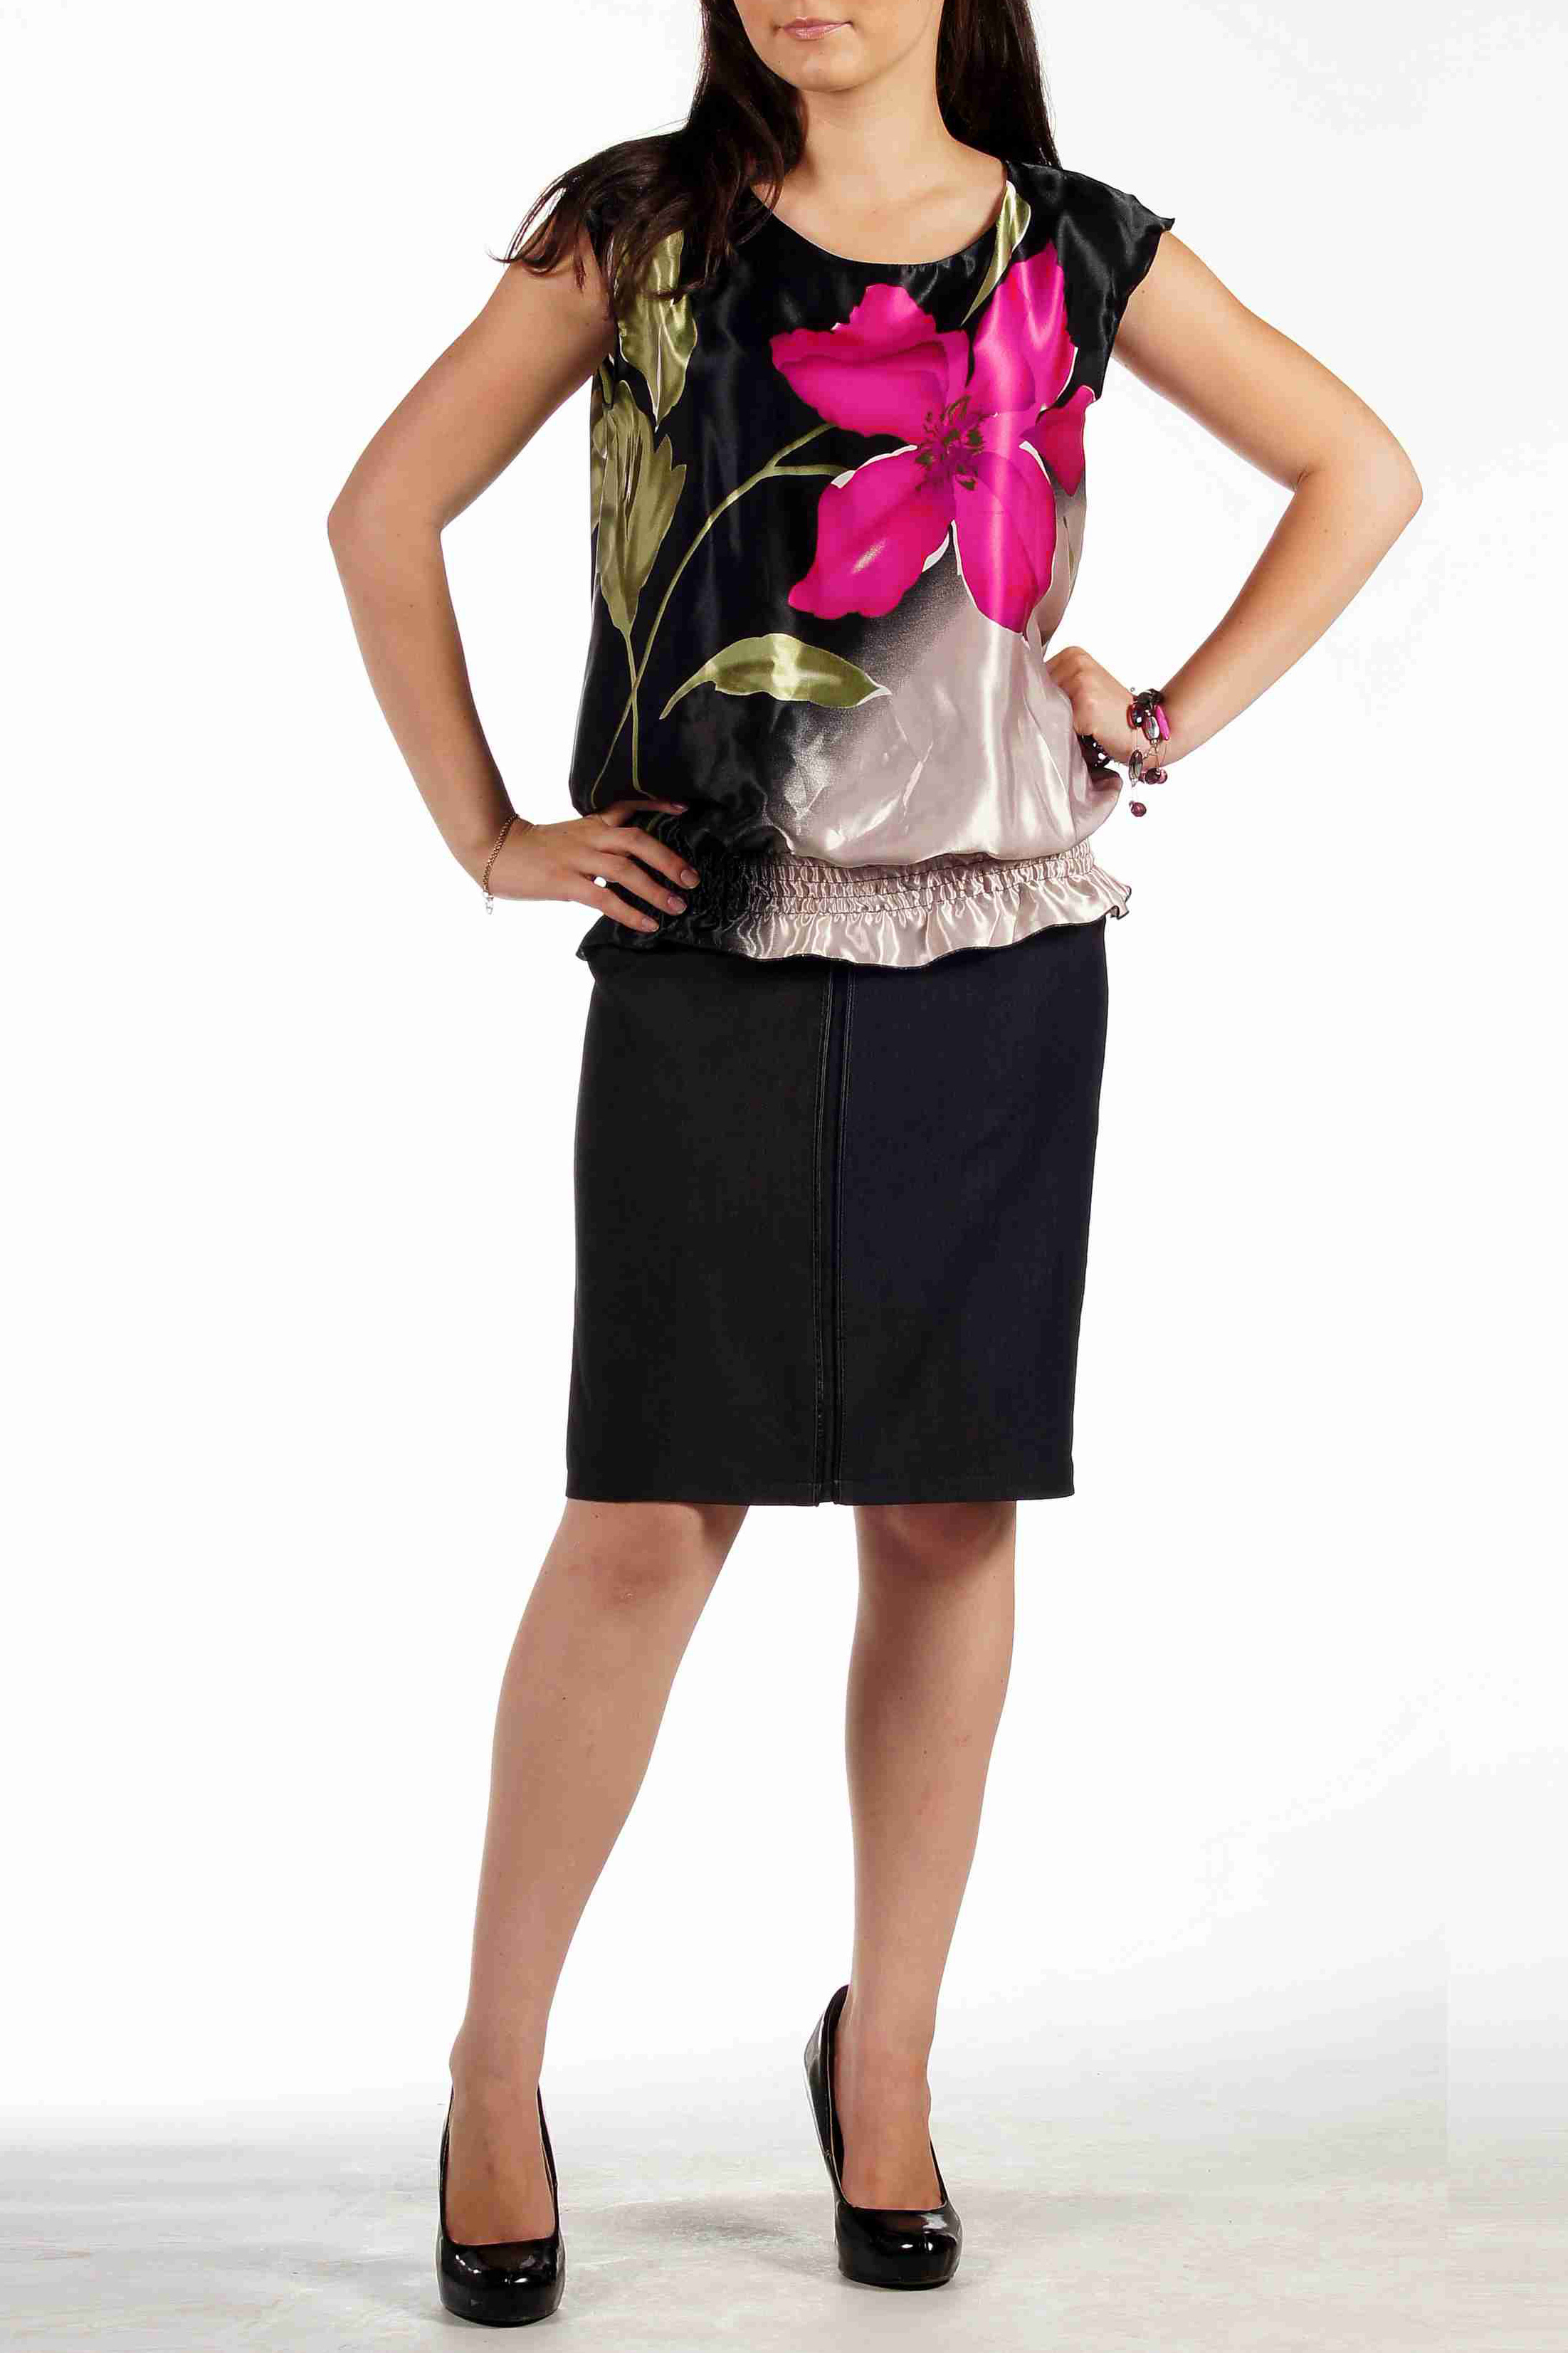 БлузкаБлузки<br>Женственная  блуза из тонкого сатина с ярким крупным цветочным принтом. Вырез-quot;лодочкаquot; и чуть спущенное плечо придадут немного строгости и лаконичности образу, в то время как крупный цветок добавит нарядности и легкомыслия. Низ блузы мягко прилегает к телу с небольшим напуском при помощи рядов строчек нитки-резинки.   Длина около 63 см.  Цвет: черный, мультицвет<br><br>Горловина: С- горловина<br>По материалу: Атлас<br>По рисунку: Растительные мотивы,Цветные,Цветочные,С принтом<br>По сезону: Весна,Всесезон,Зима,Лето,Осень<br>По силуэту: Свободные<br>По стилю: Повседневный стиль,Летний стиль,Нарядный стиль<br>Рукав: Короткий рукав,Без рукавов<br>Размер : 48,50<br>Материал: Атлас<br>Количество в наличии: 3